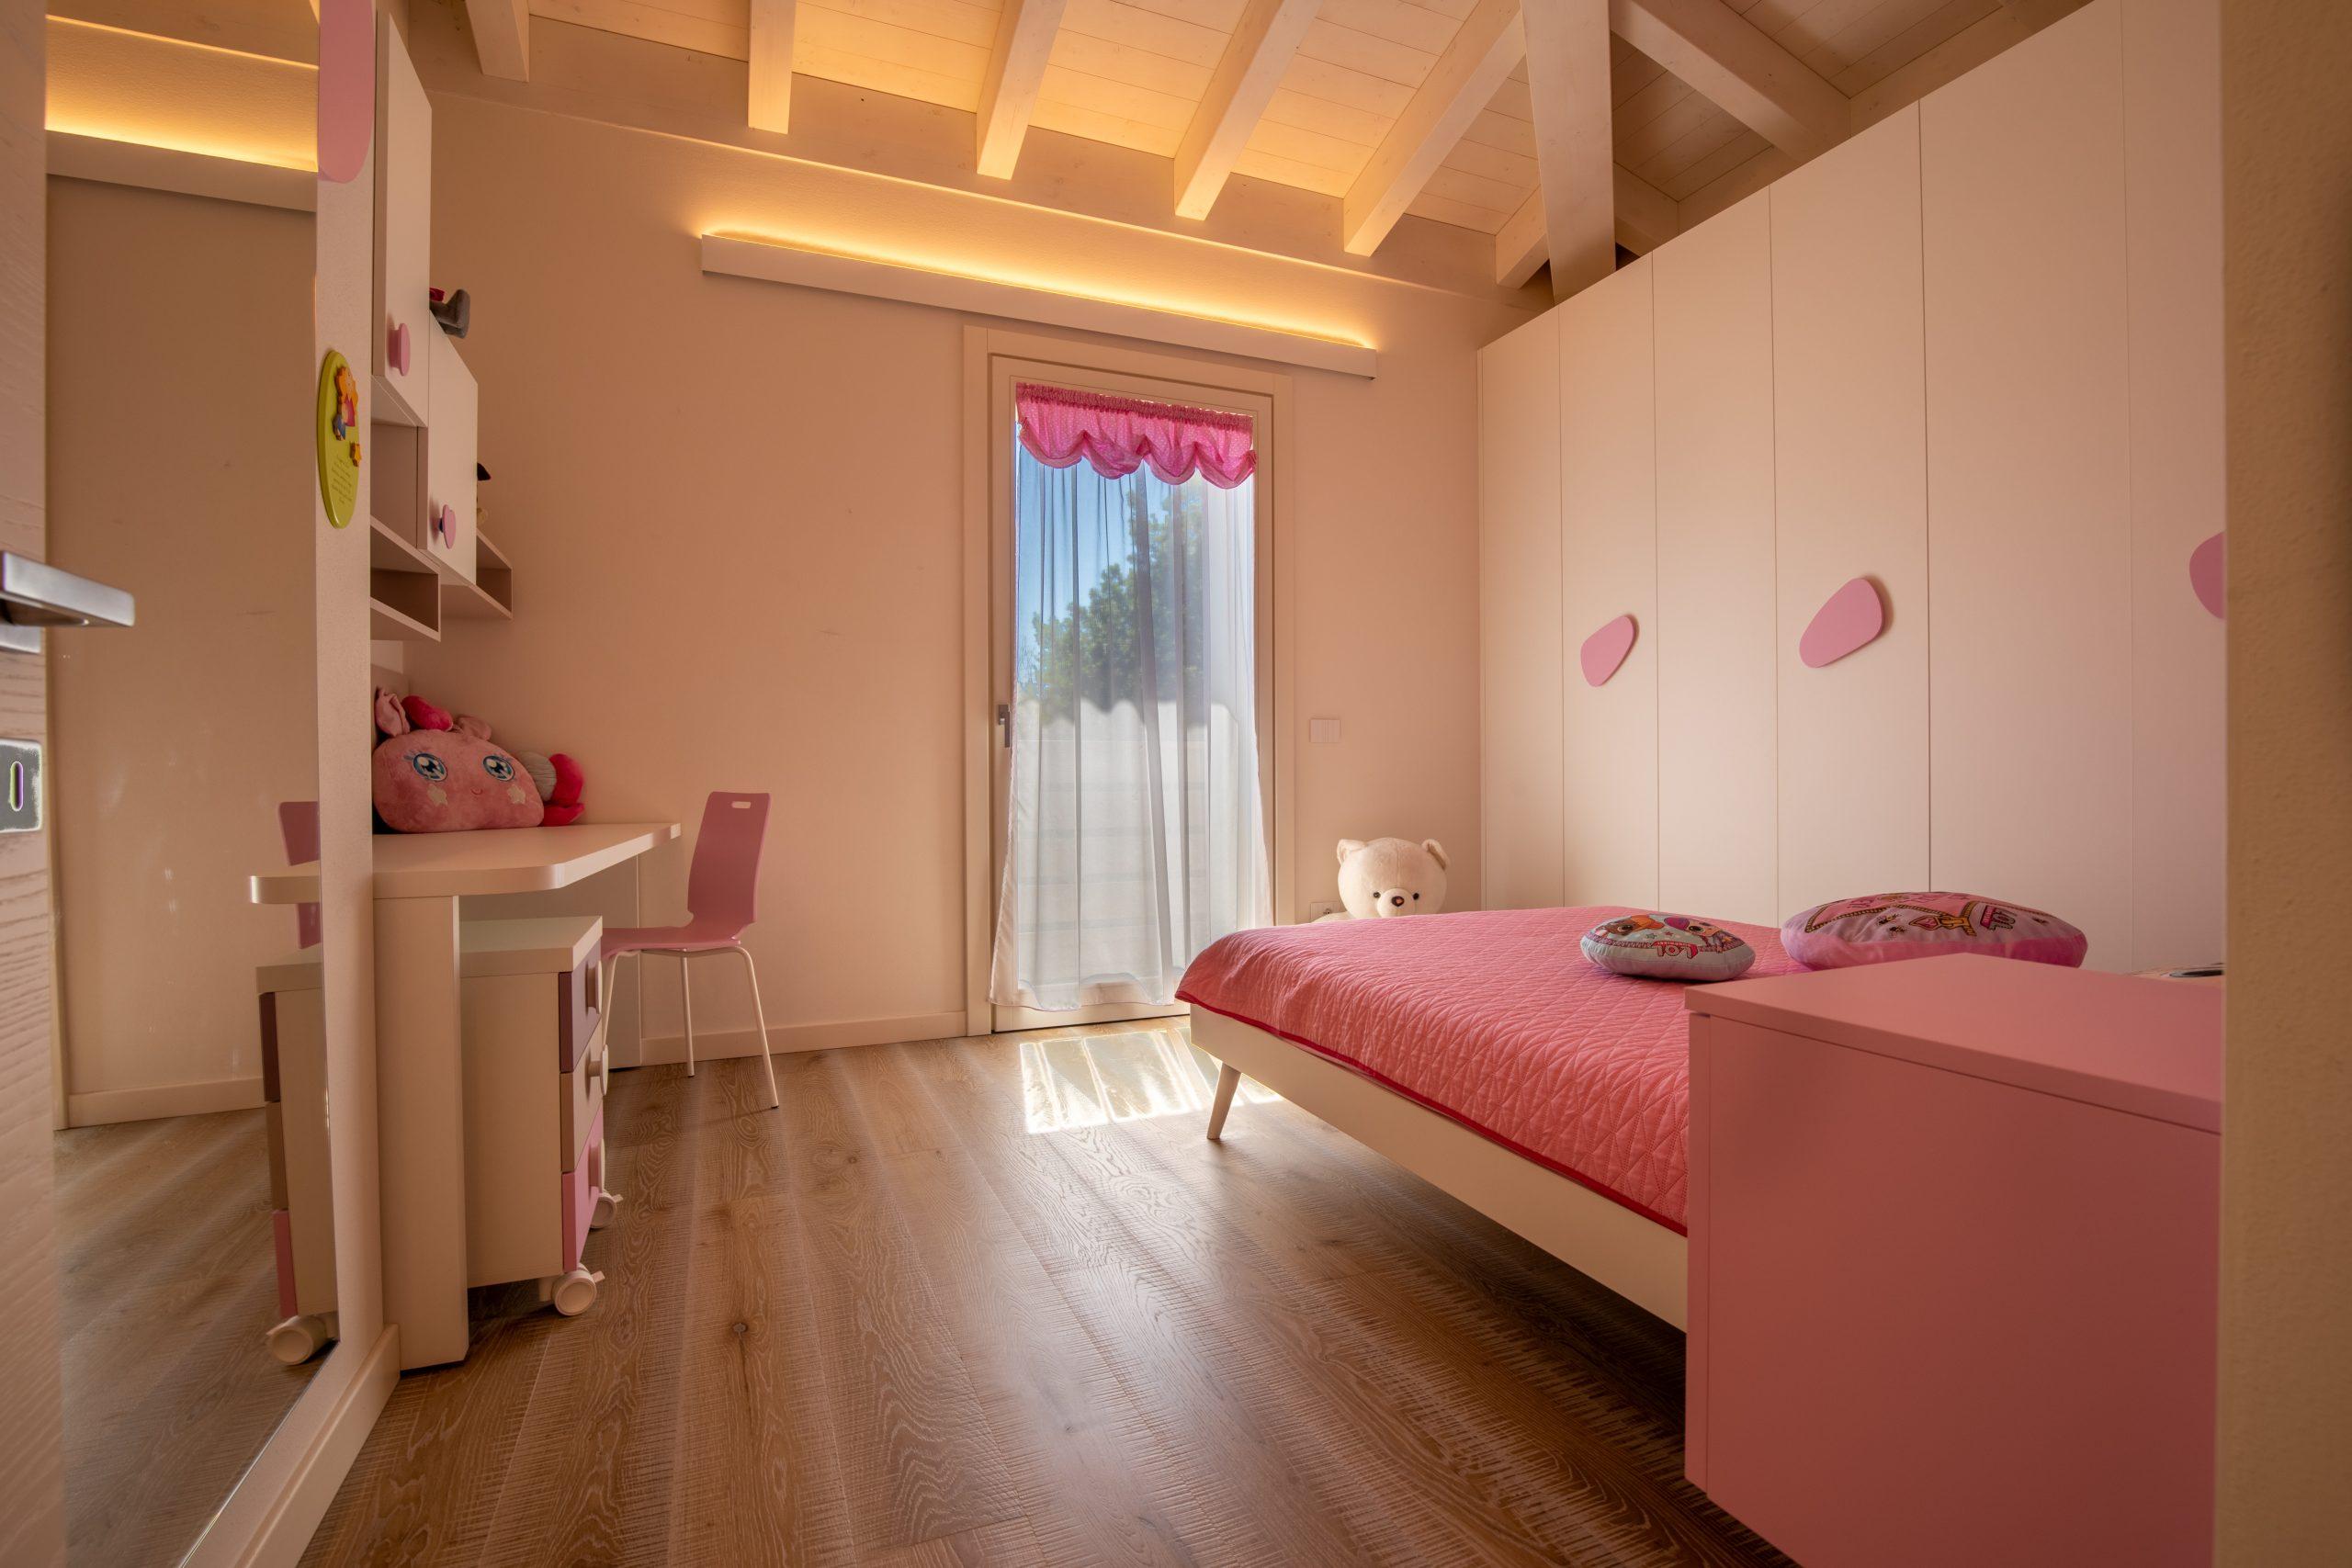 Rosa e romantica, la camera da sogno per ogni bambina